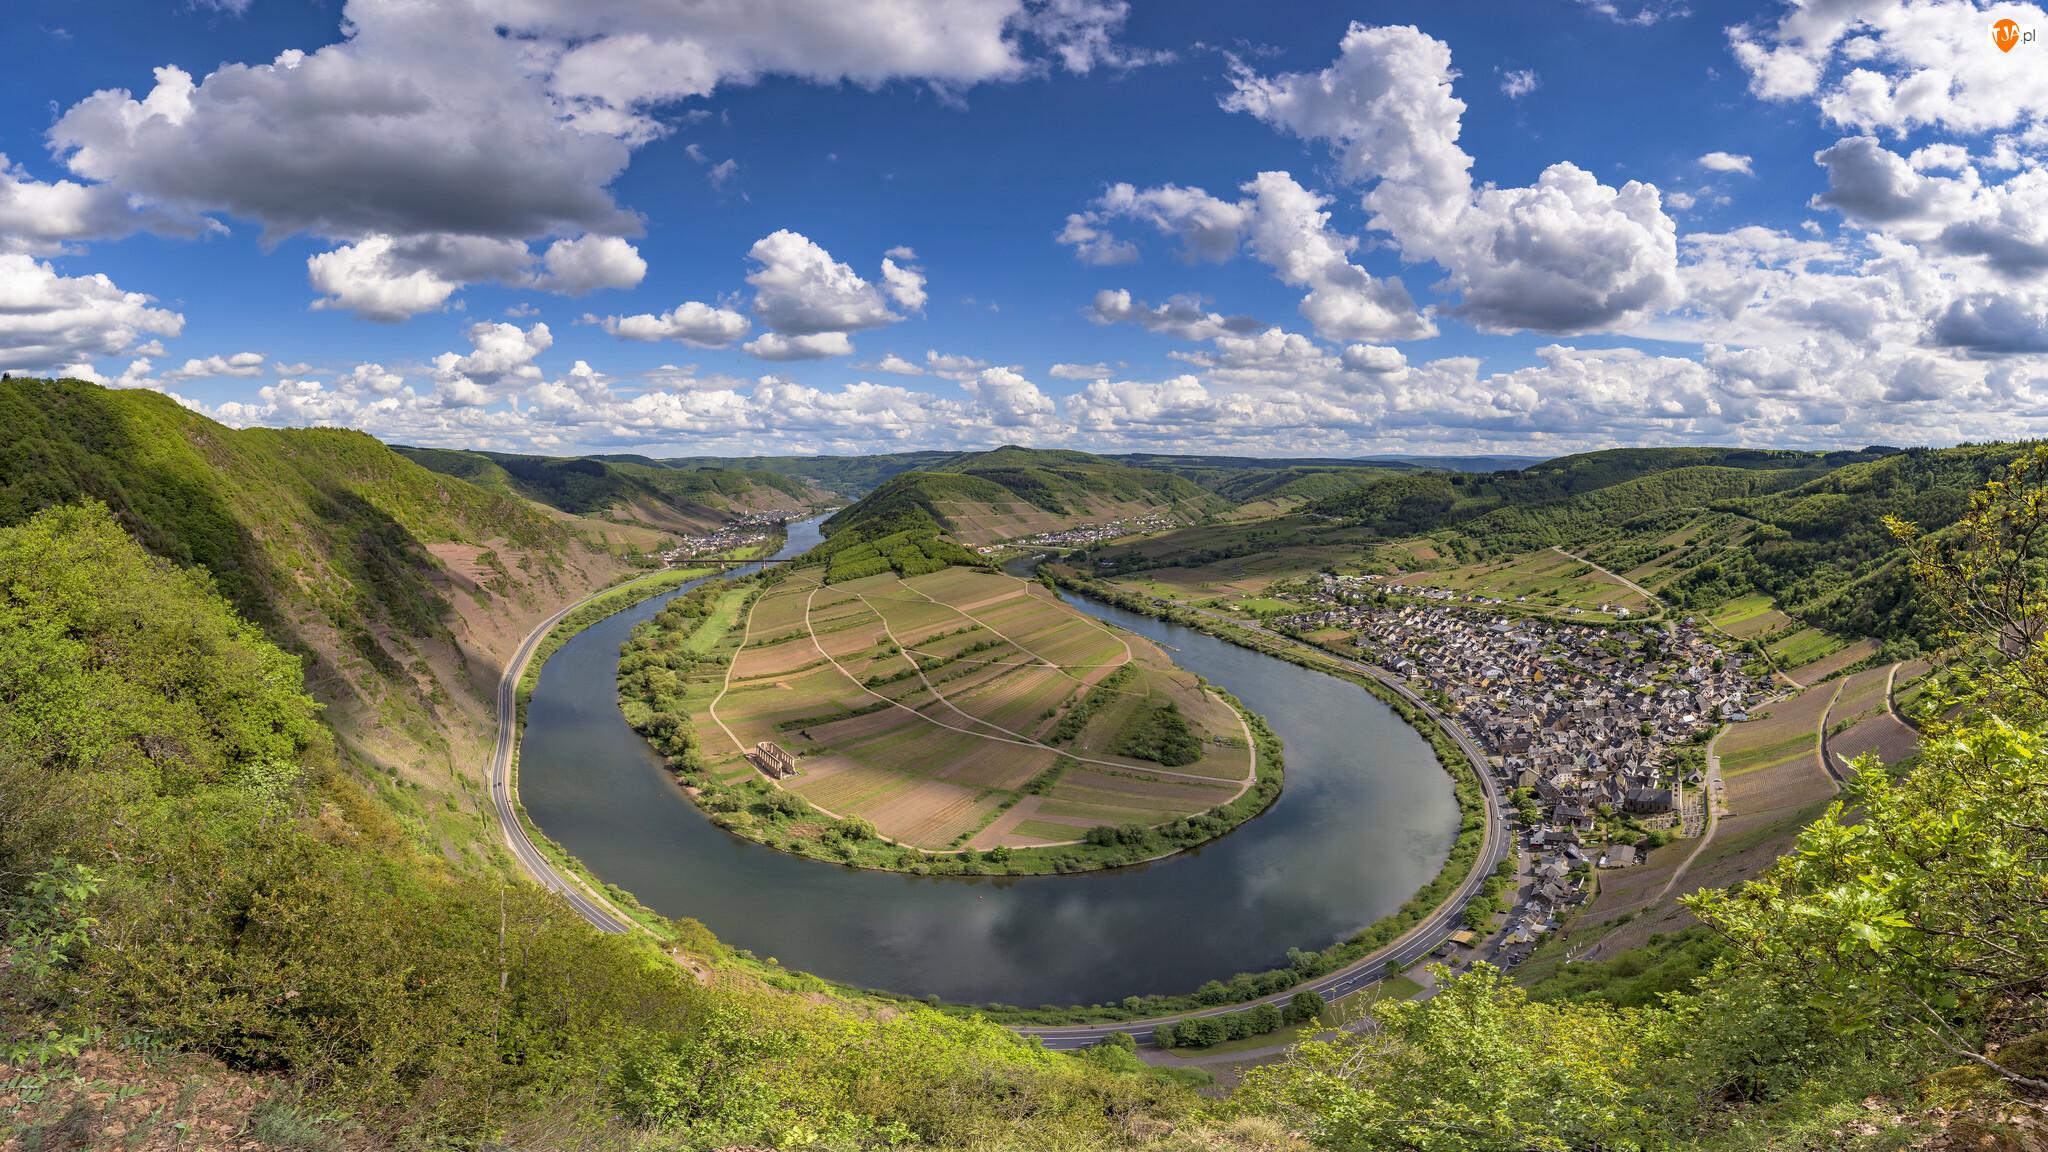 Zakole, Góry, Domy, Miejscowość, Nadrenia-Palatynat, Drzewa, Dolina Mozeli, Niemcy, Bremm, Rzeka Mozela, Chmury